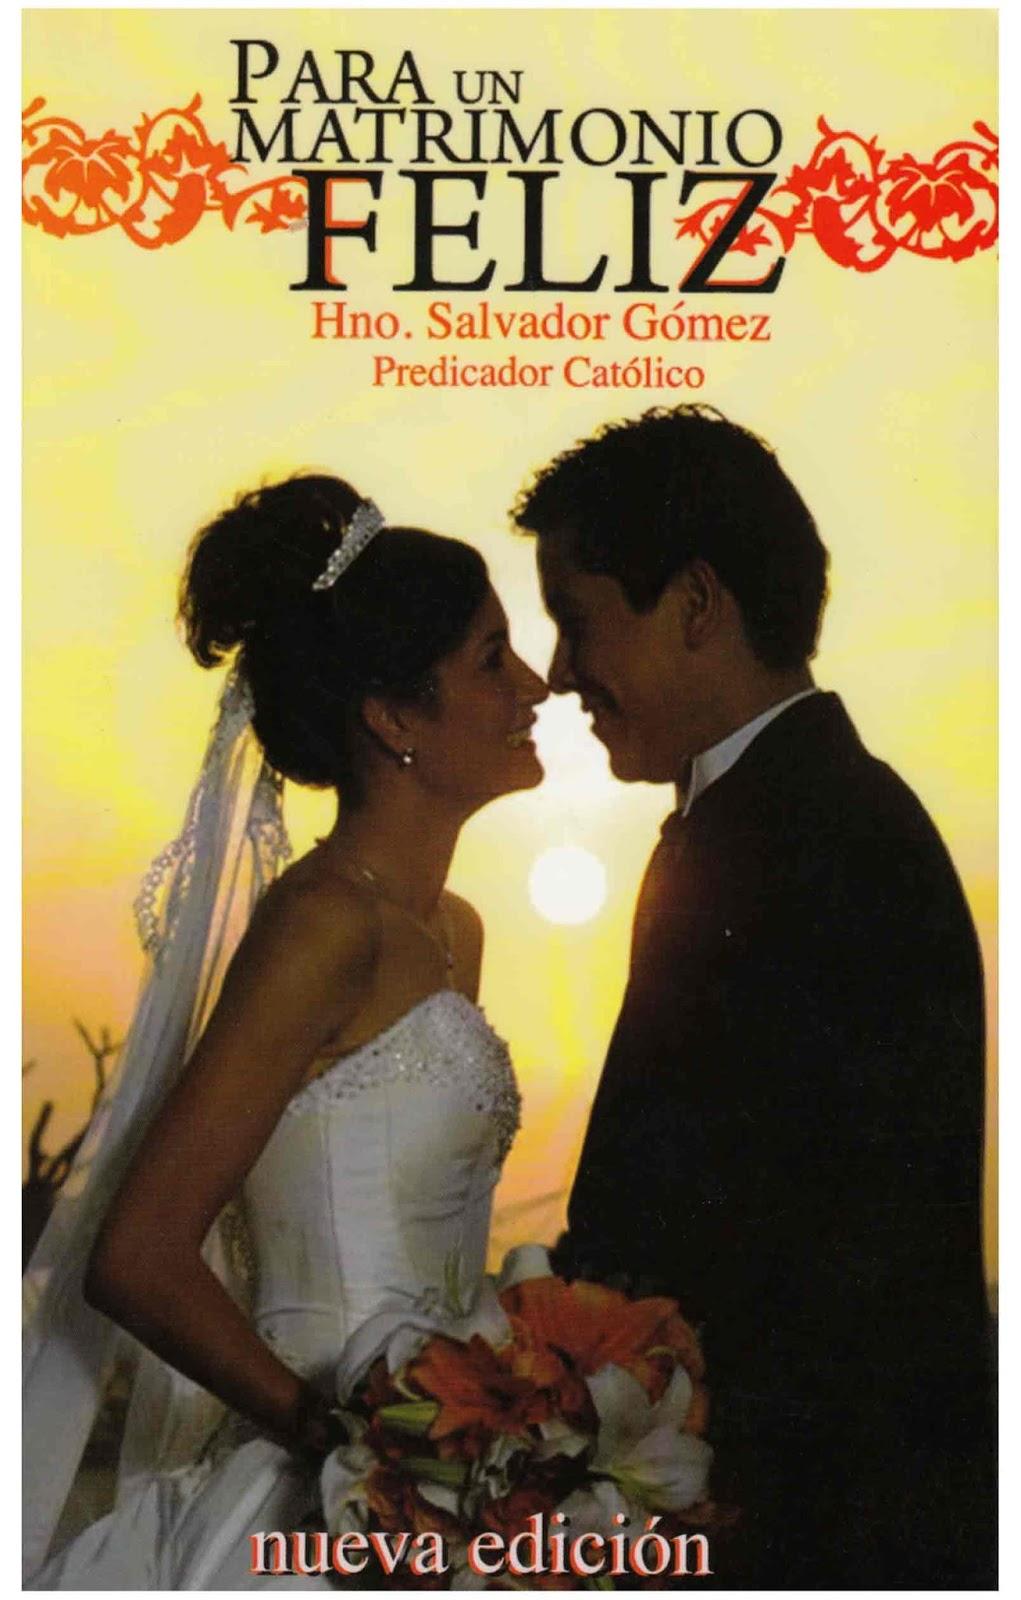 Matrimonio Catolico Feliz : Lectura y música para el alma «para un matrimonio feliz